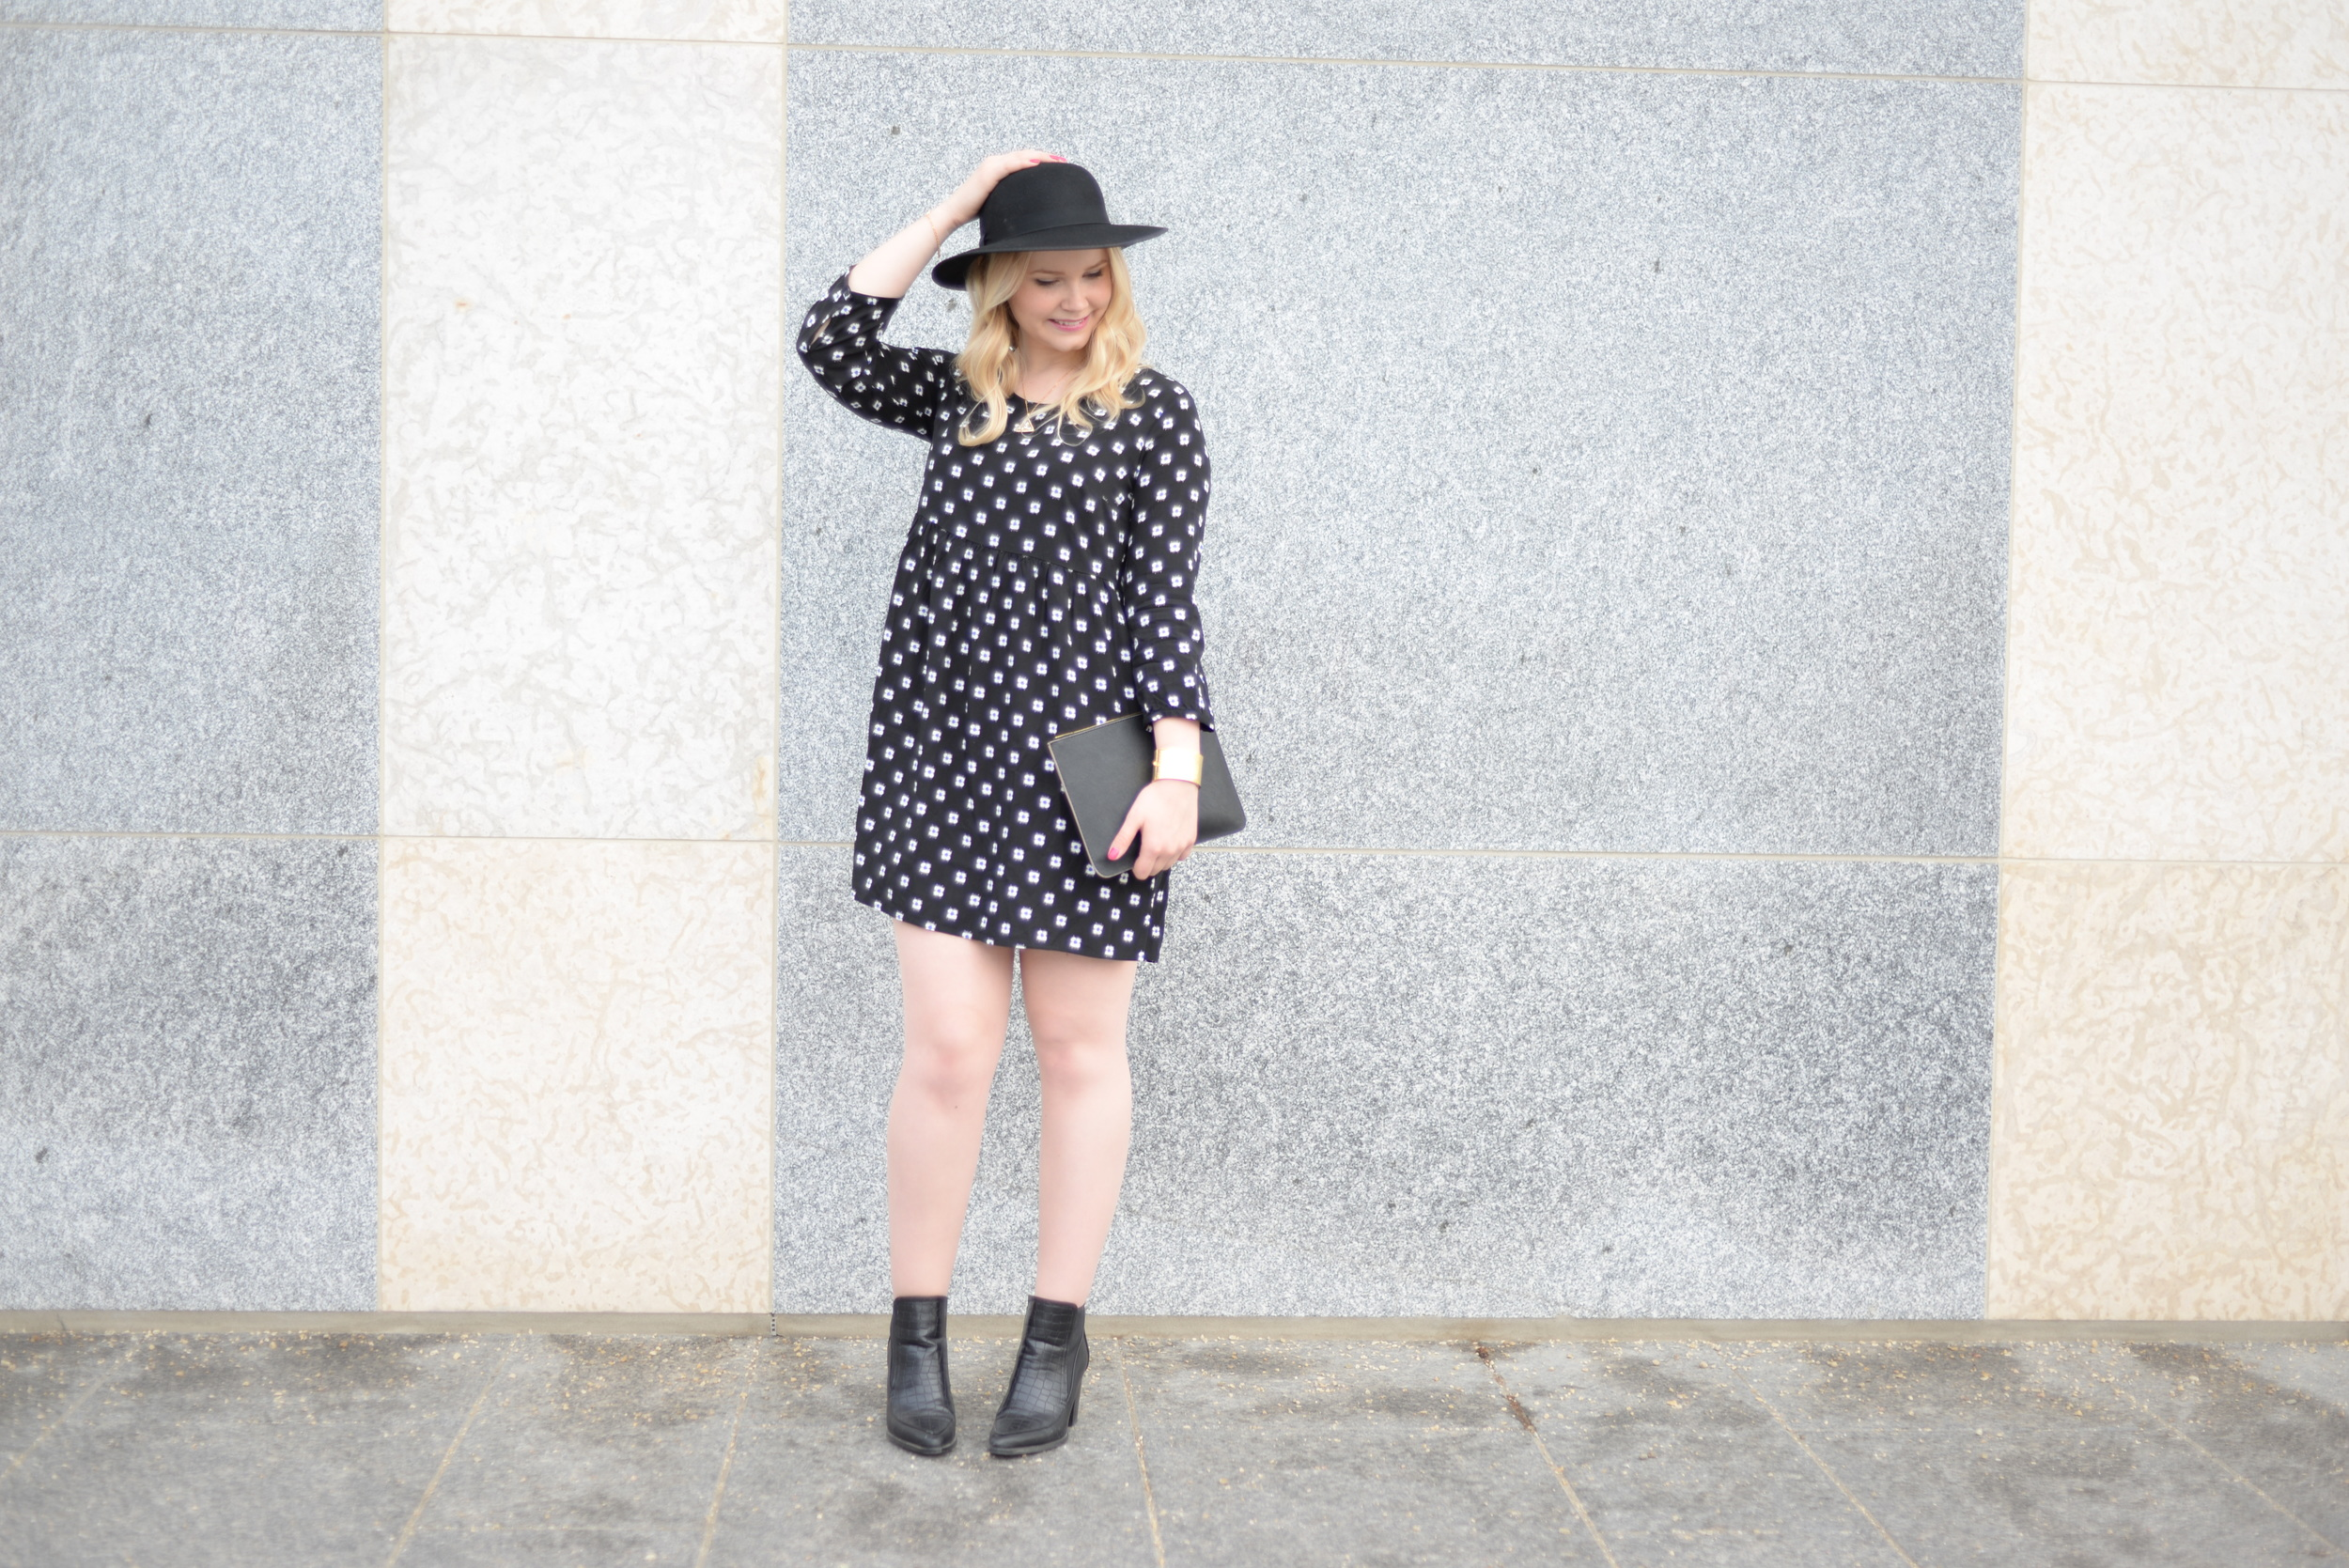 canadian fashion blog